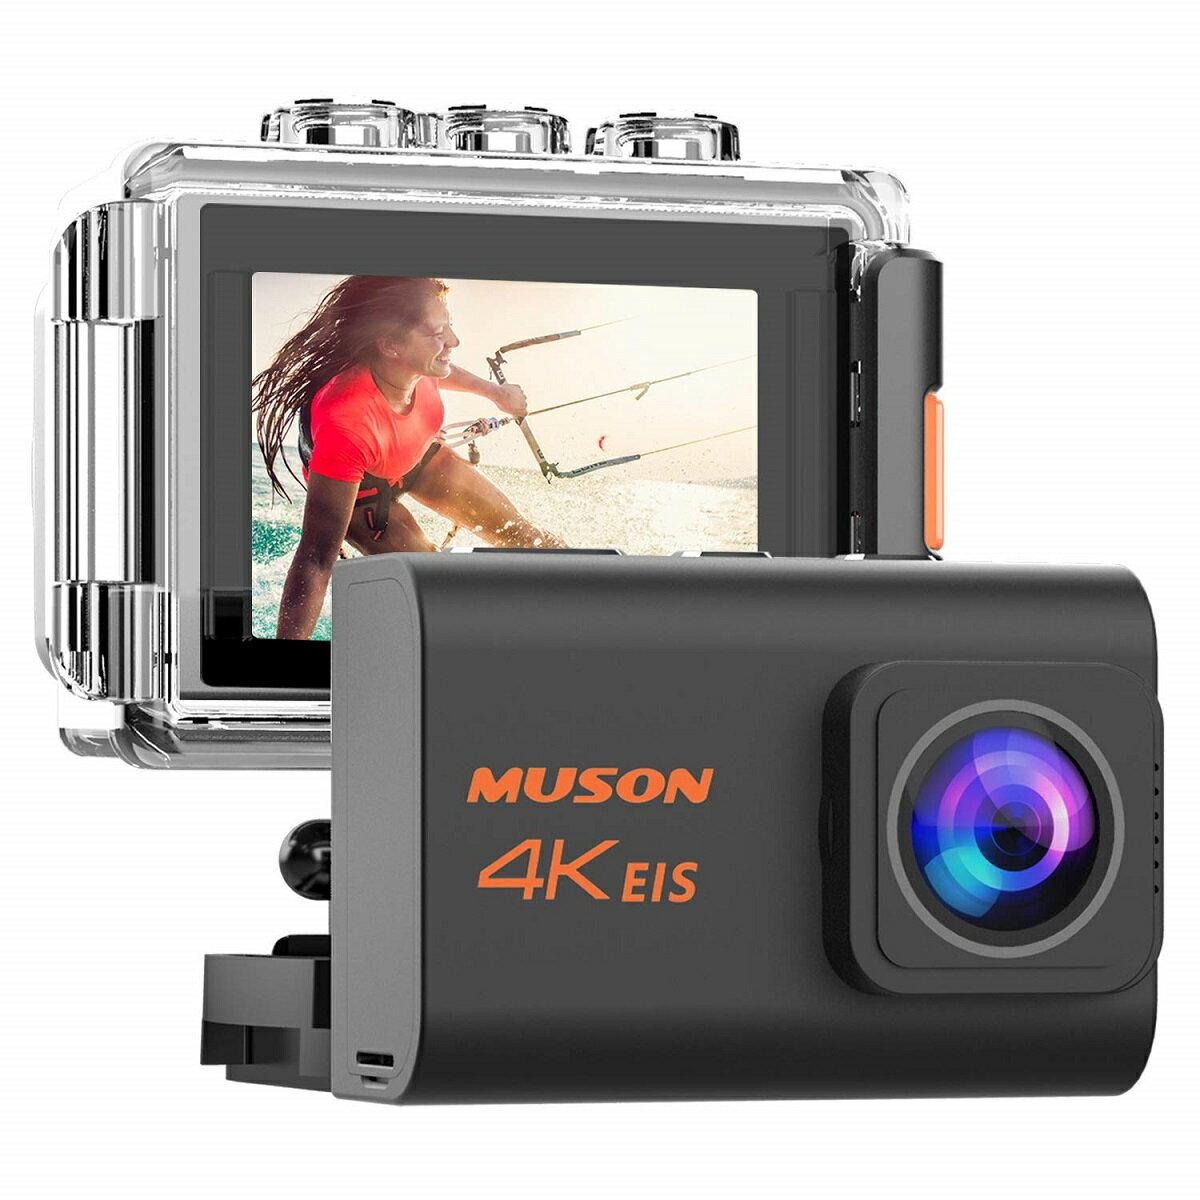 【あす楽】【新型】MUSON(ムソン) アクションカメラ 4K高画質 2000万画素 手振れ補正 WiFi搭載 外部マイク対応 30M防水 自撮り棒付き 1200mAhバッテリー2個 [メーカー1年保証] 170度広角レンズ リモコン付き 2インチ液晶画面 HDMI出力 Pro3 ブラック